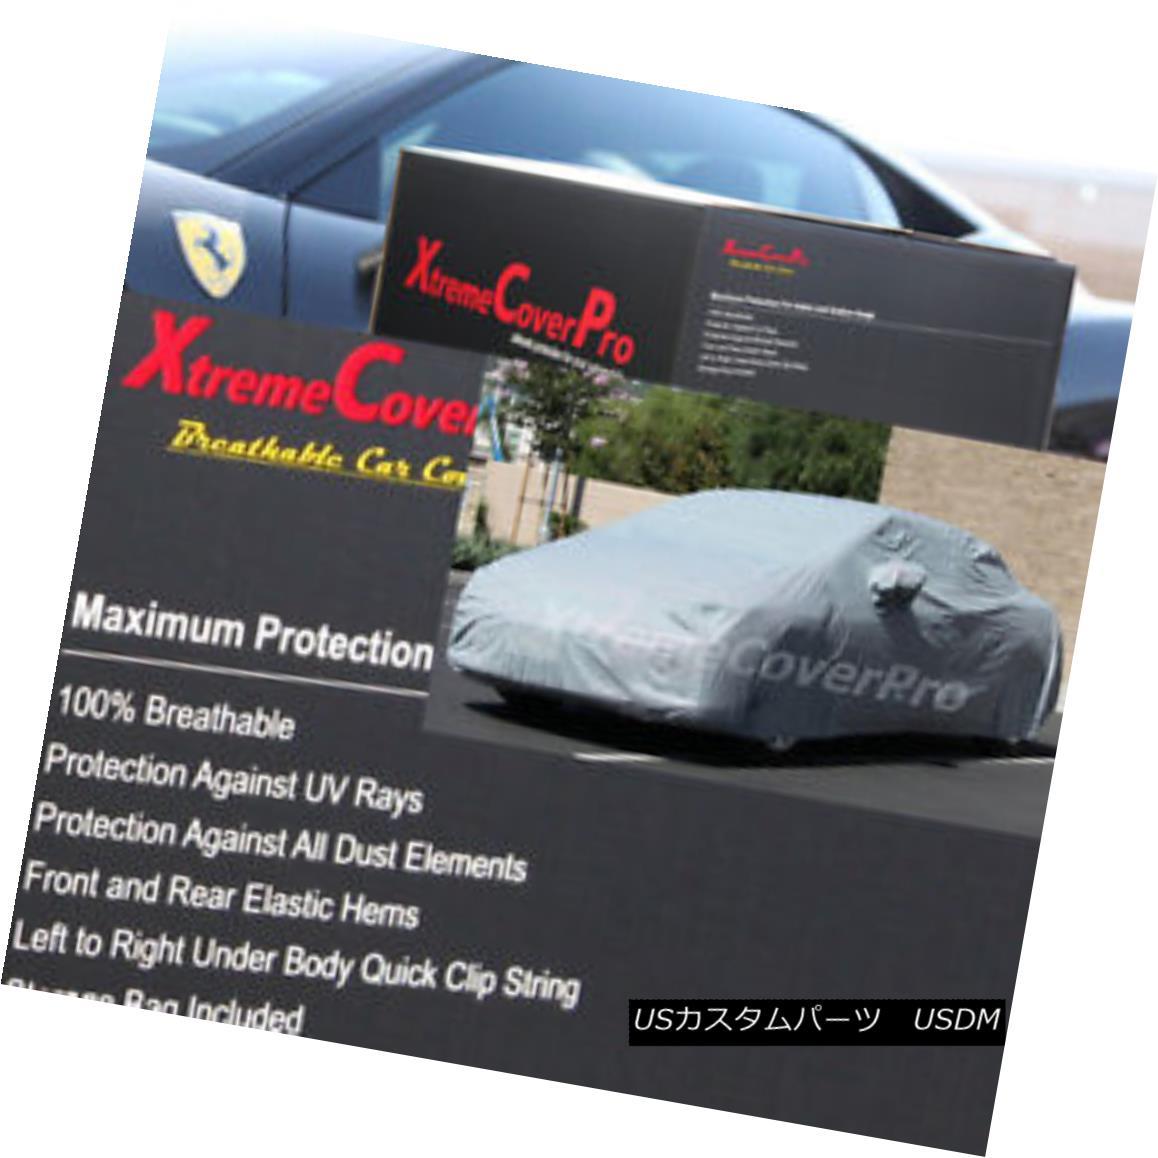 カーカバー 2004 2005 2006 Mercedes CL500 CL600 Breathable Car Cover w/MirrorPocket 2004年2005年2006年メルセデスCL500 CL600 MirrorPocket付き通気性車カバー